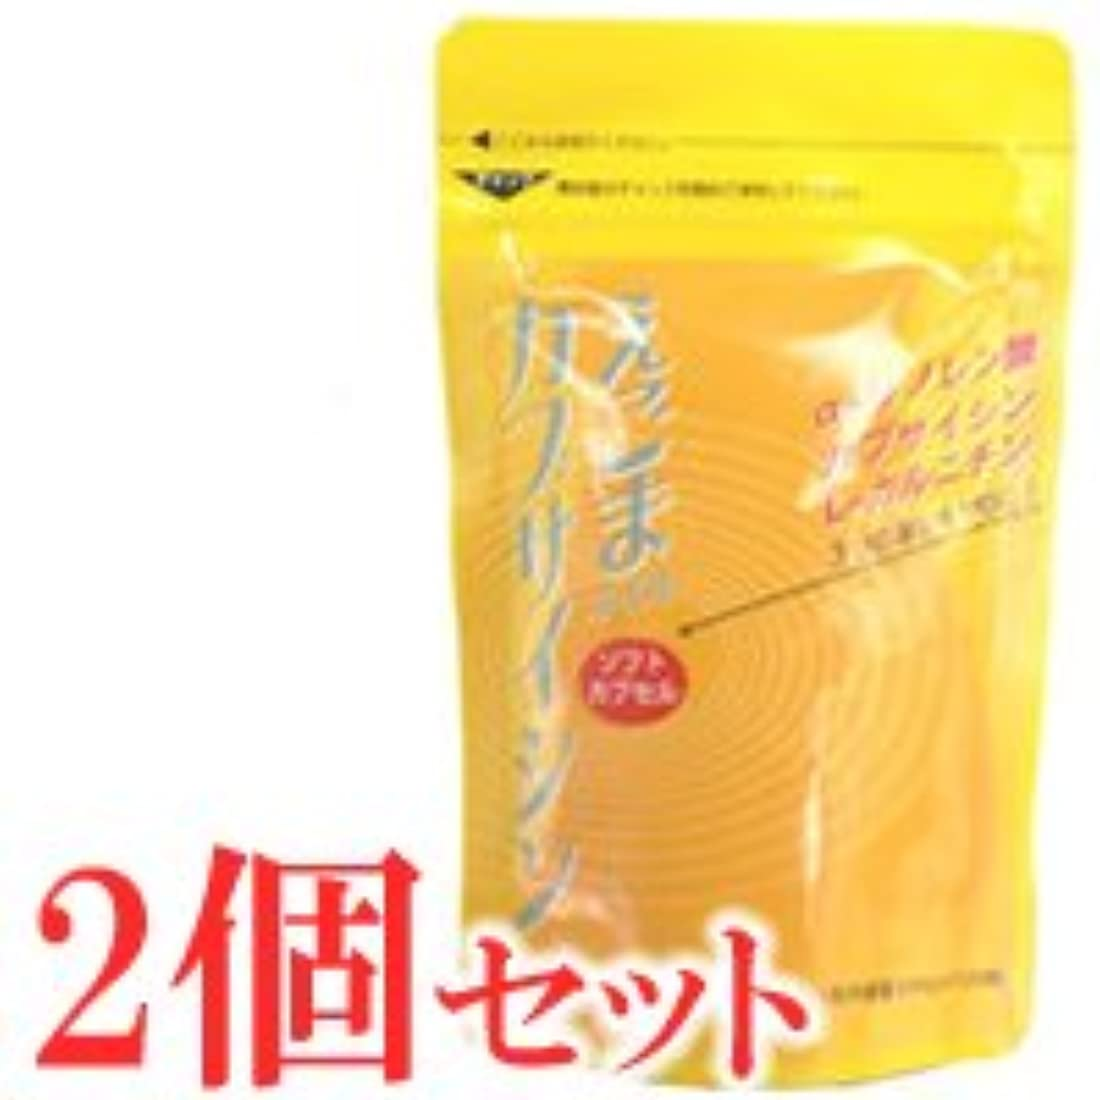 アジア実質的に改善えごまオイル カプサイシン 120粒×2袋セット(ソフトカプセル)